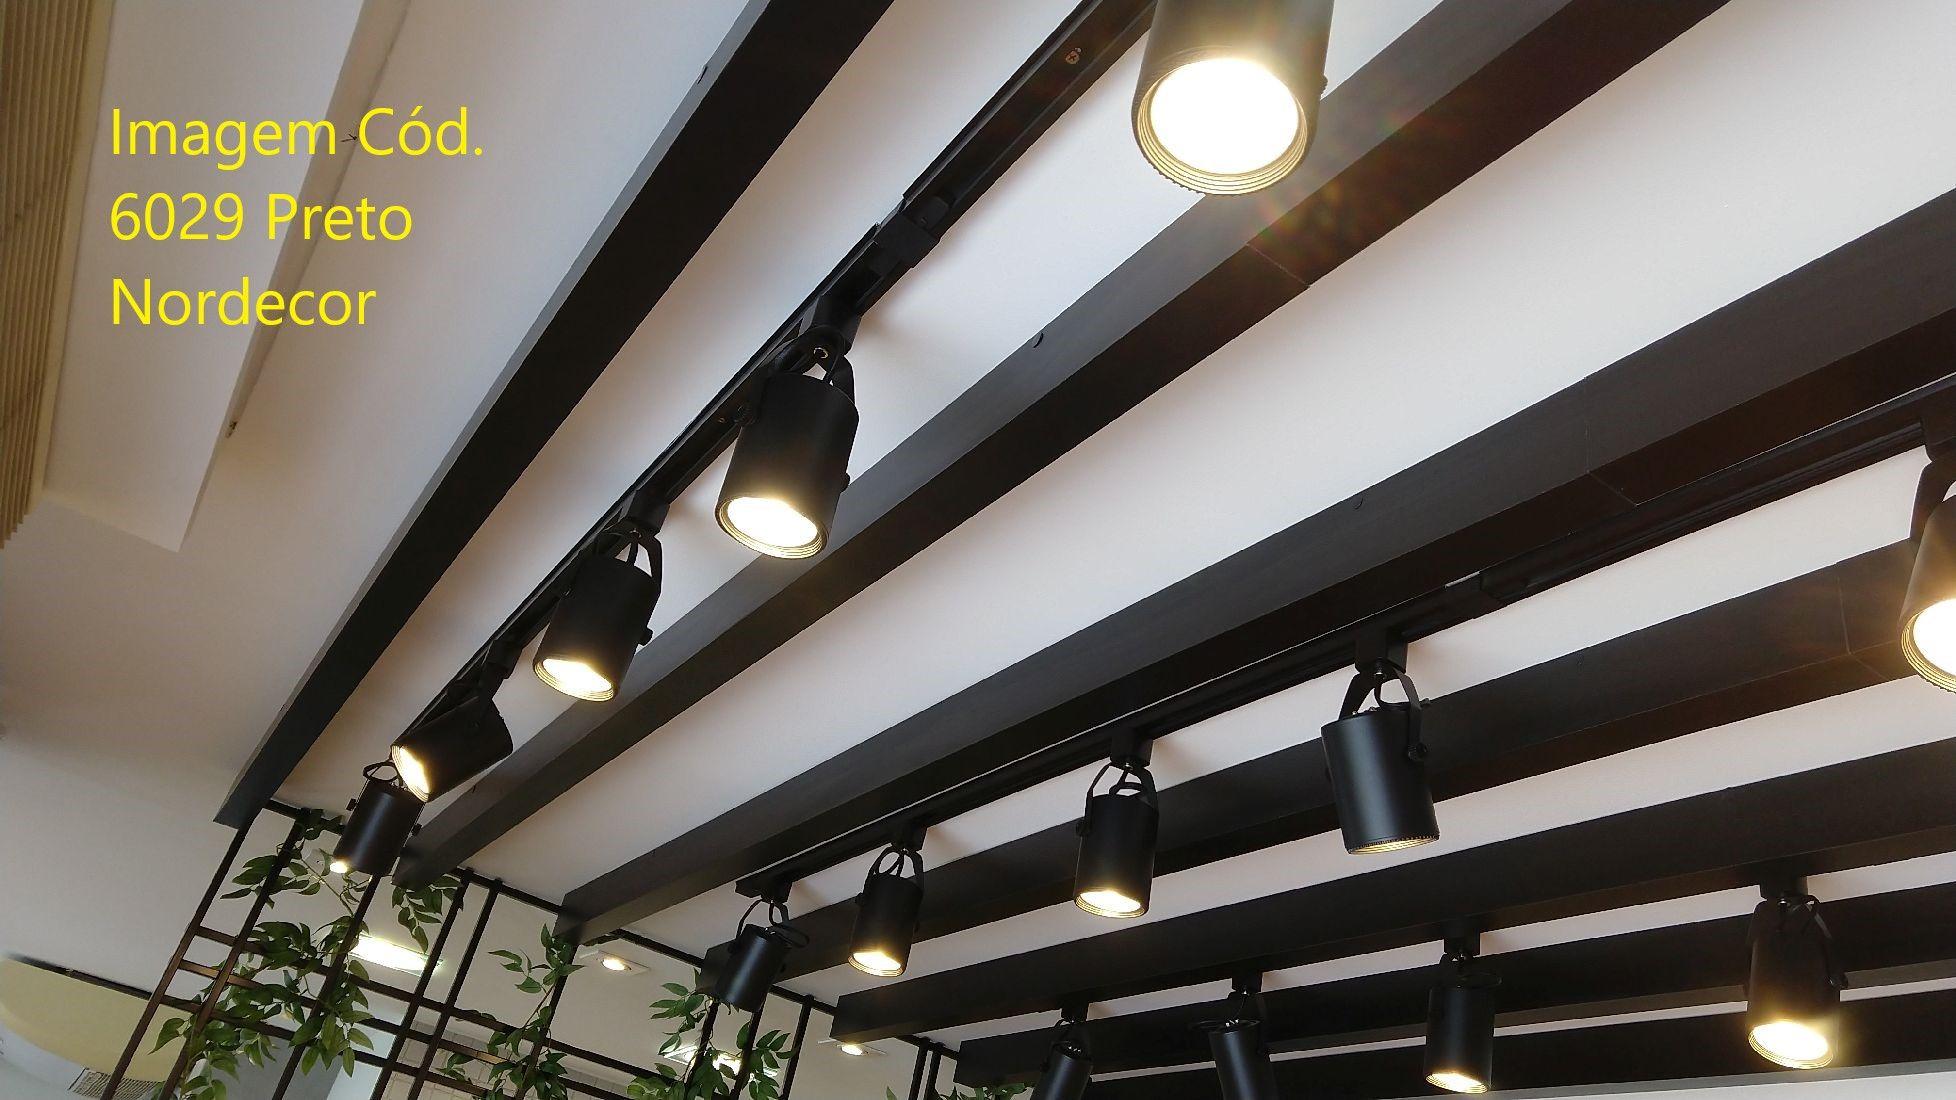 Kit Trilho Eletrificado 1m Preto Nordecor Lille + 3 Spot Par20 Para Sala Quarto Cozinha Quadro